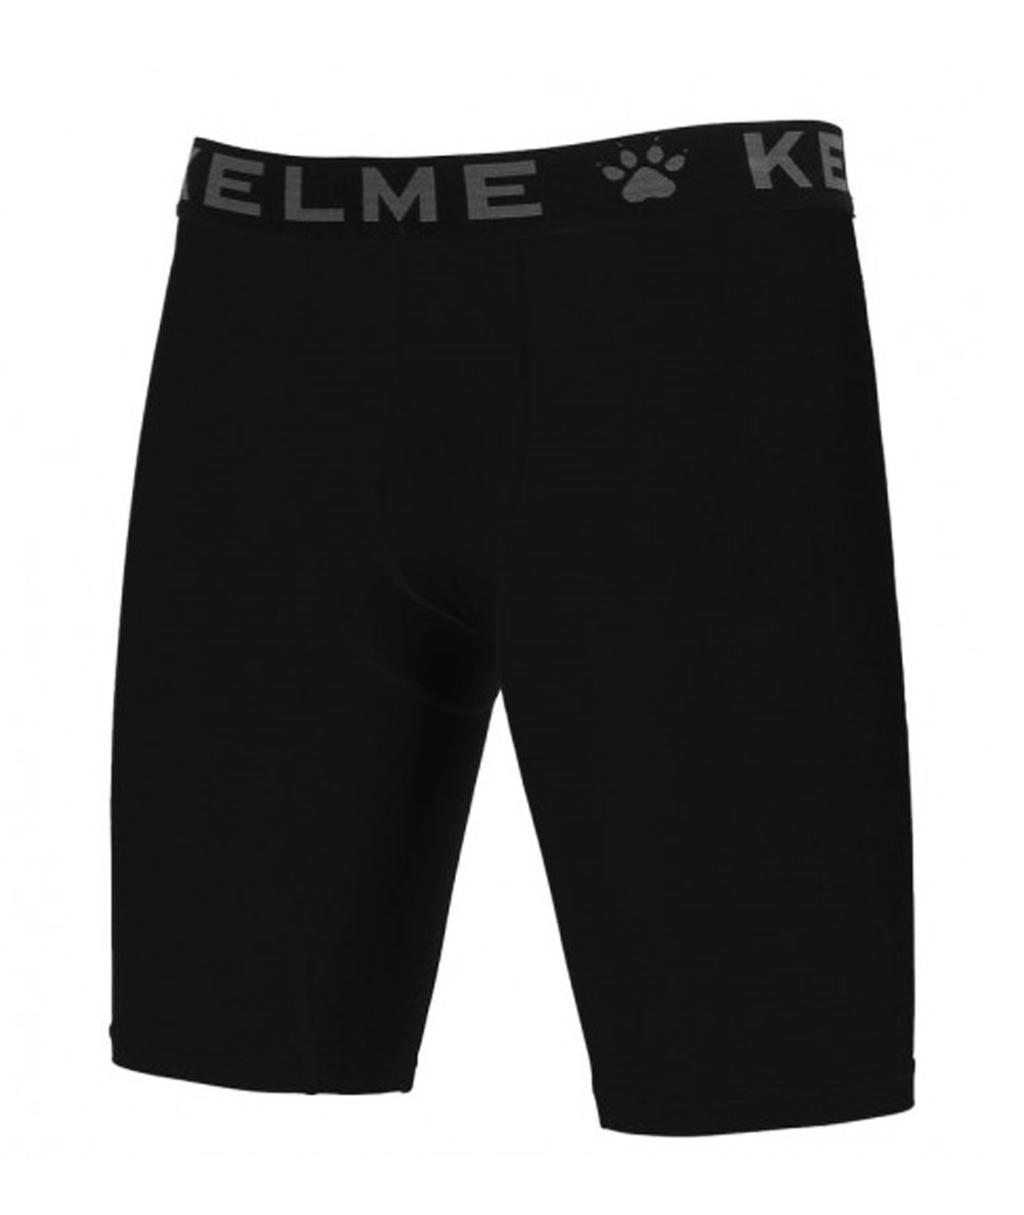 Купить подтрусники Kelme PRO TACKING SHORTS K15Z706 (тайтсы, трейсы)